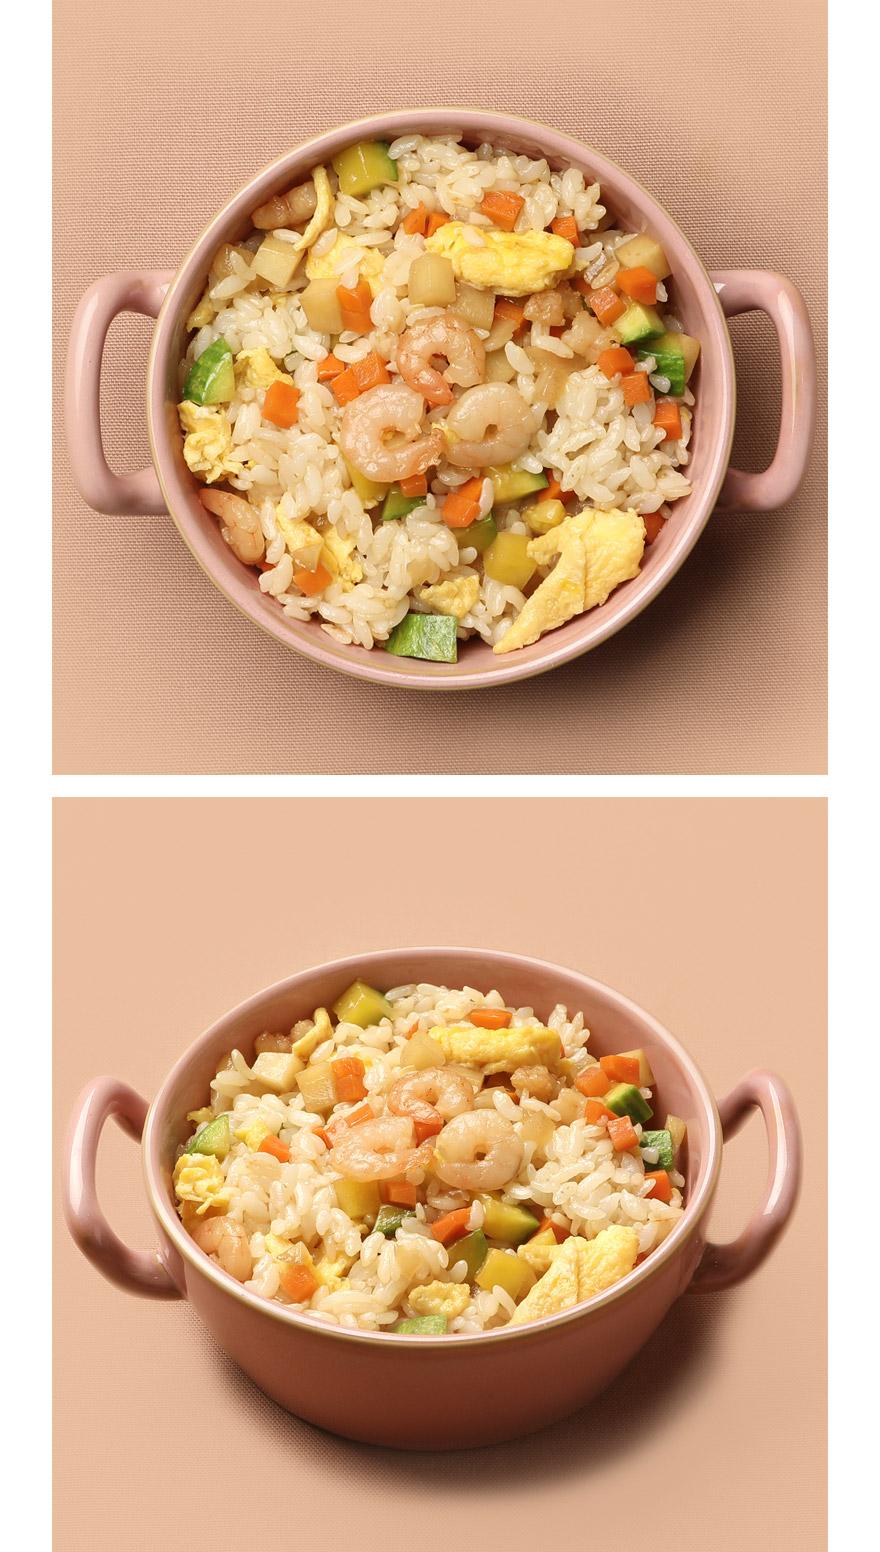 새우 볶음밥 오동통한 새우살이 씹히는 식감이 일품인 새우볶음밥으로 건강한 한 끼 식사 해결해보세요. 통통한 새우살, 부드러운 스크램블 계란, 신선한 국내산 애호박과 양파, 감자 등 정성껏 볶음밥 재료들을 준비했습니다. 특별한 반찬 없이도 볶음밥 재료와 밥을 넣고 볶기만 하면 완성! 기름을 살짝 두른 팬에 햇반 1개 분량의 밥을 넣고 풀어주세요. 준비된 볶음밥 재료를 넣고 1분 가량 볶아주면 됩니다.